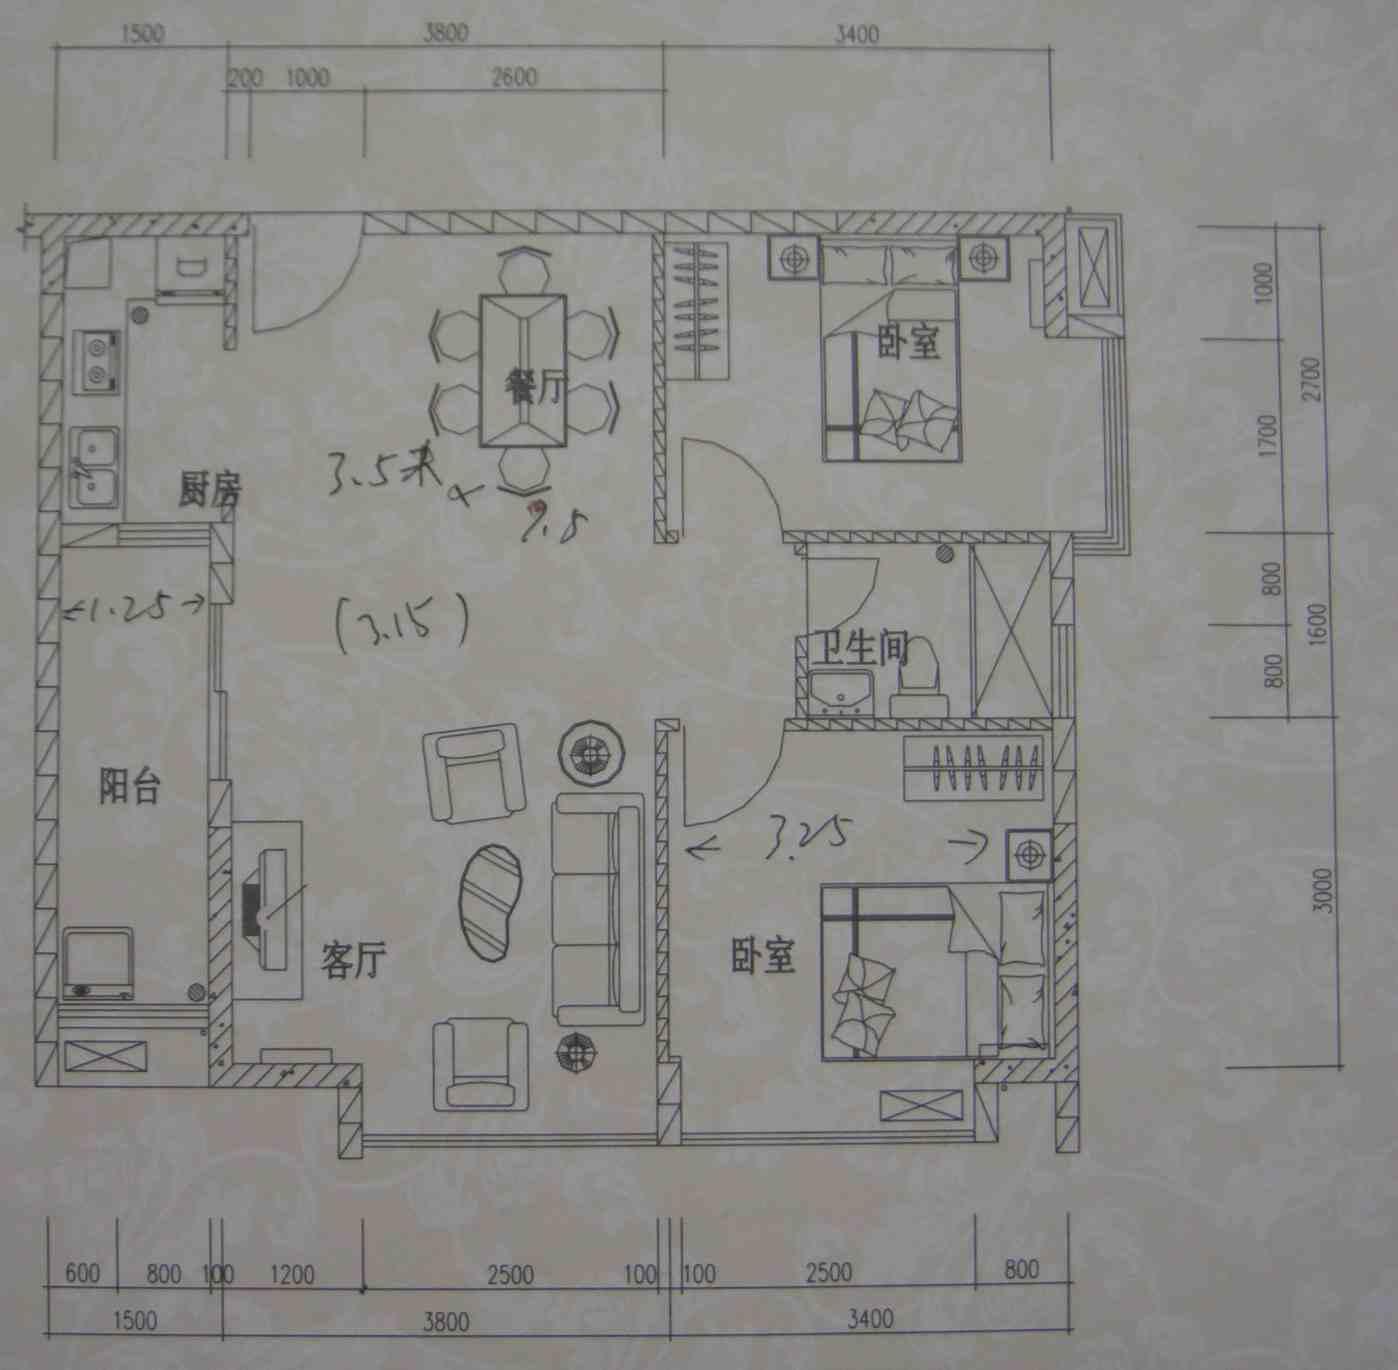 八米宽十米长房屋设计图展示